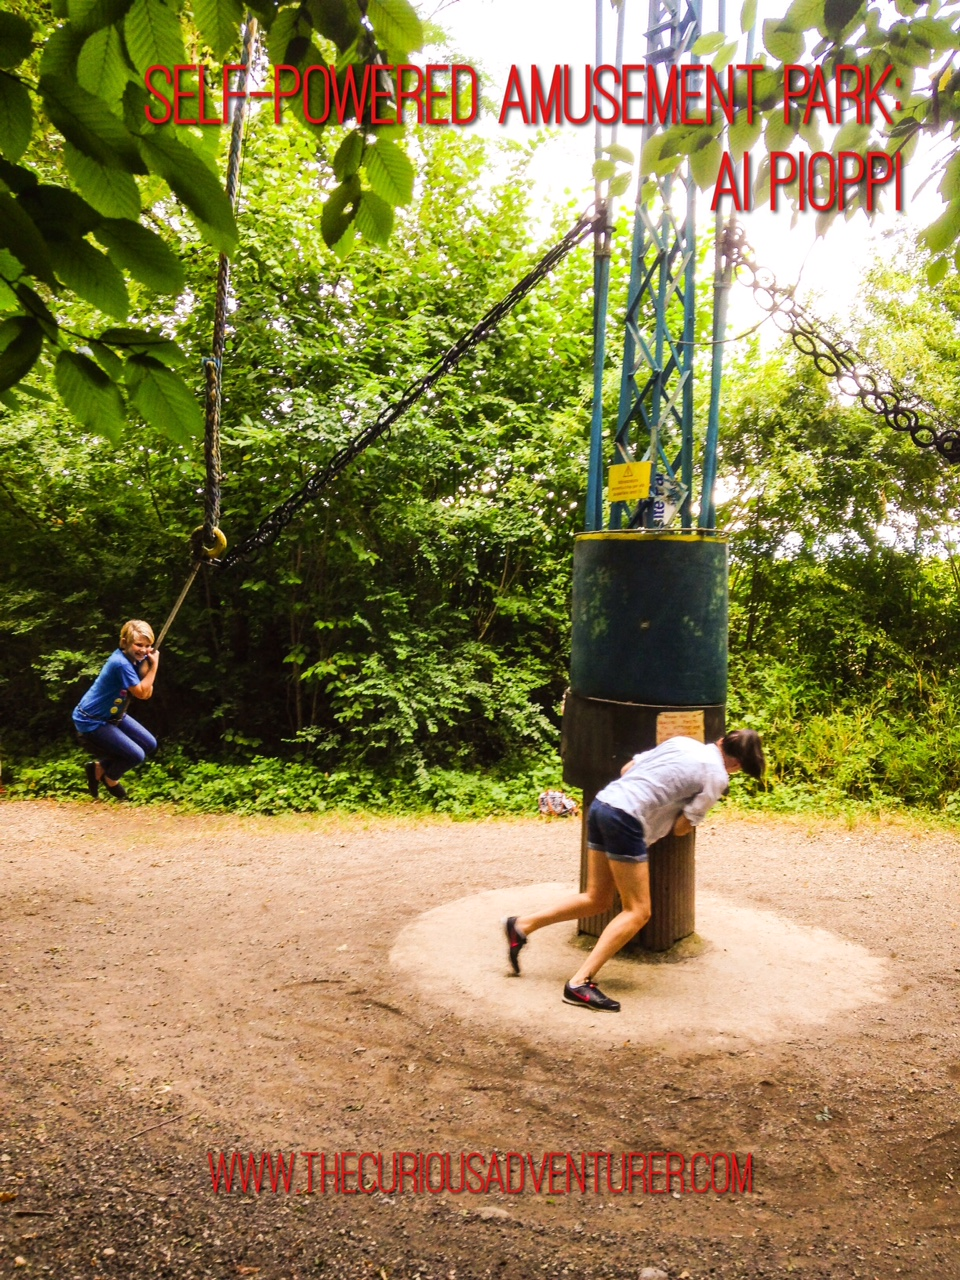 www.thecuriousadventurer.com/blog/aipioppi